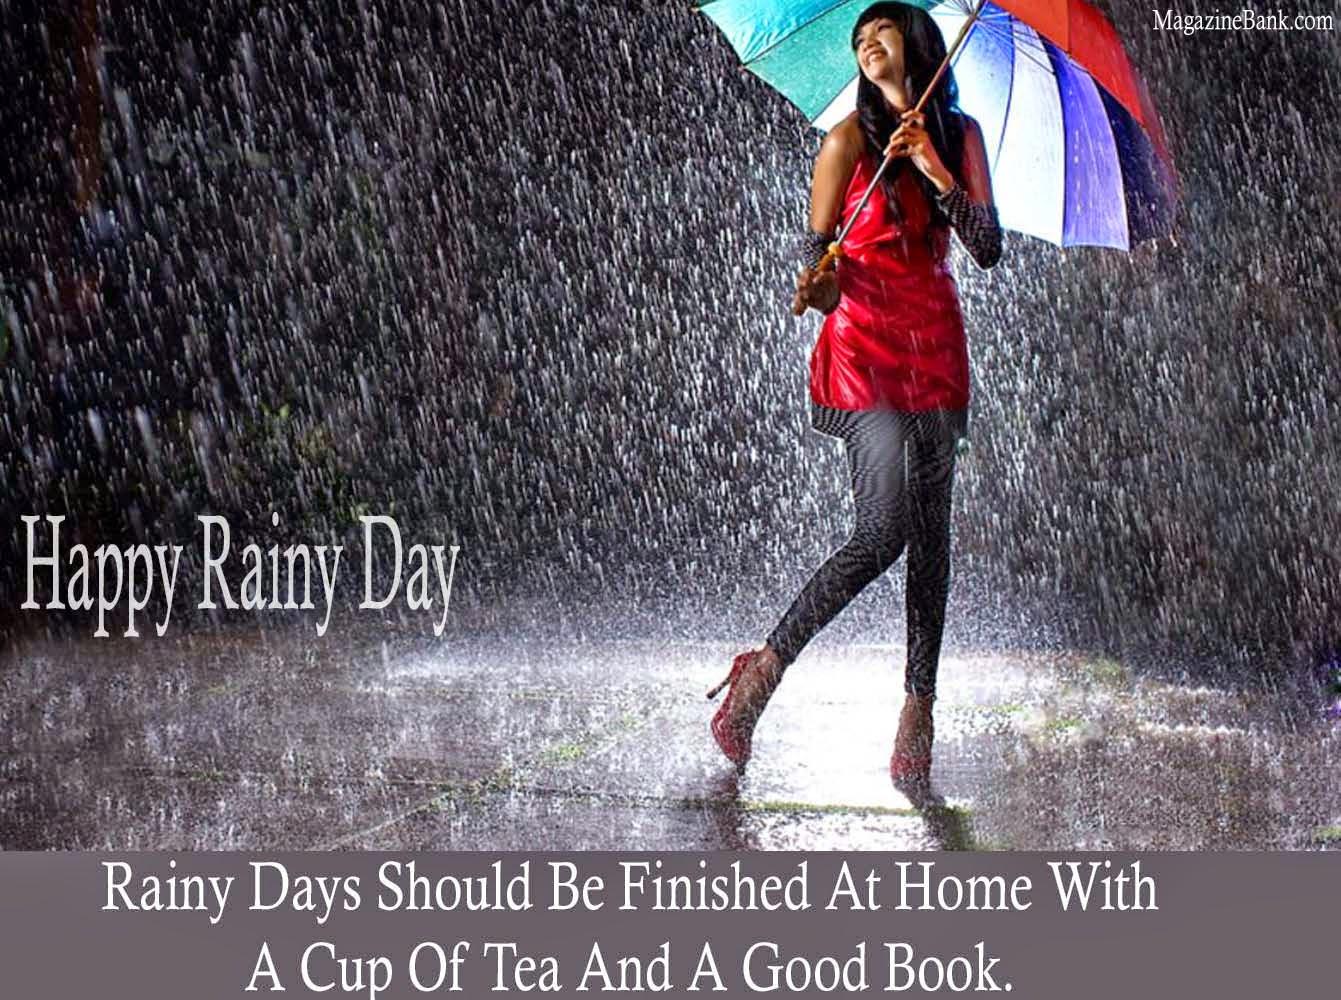 Rainy Days Should Be F...